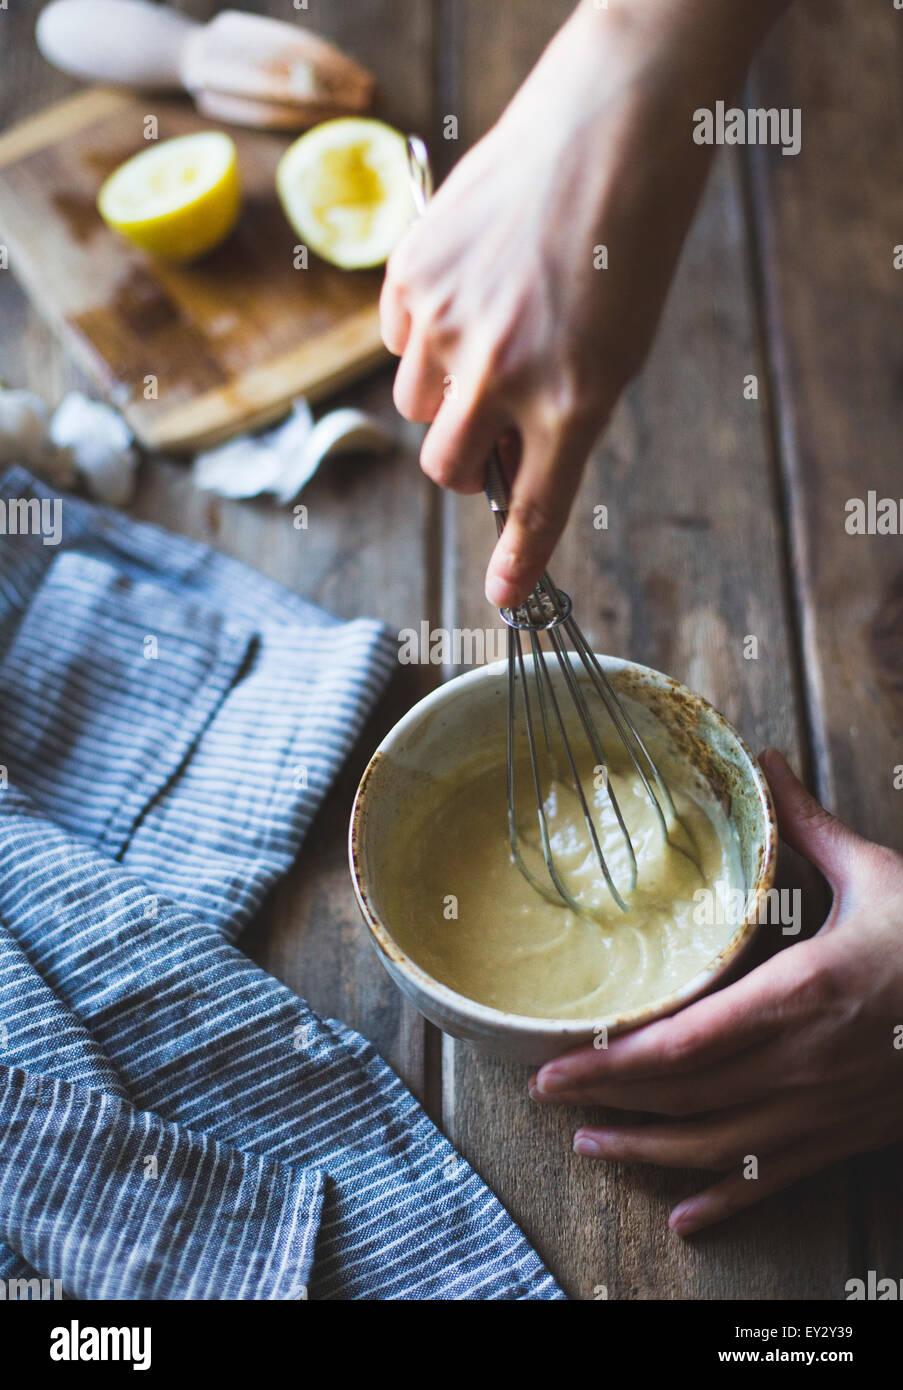 Ingredientes para la ensalada César Wasabi (sin gluten). Imagen De Stock